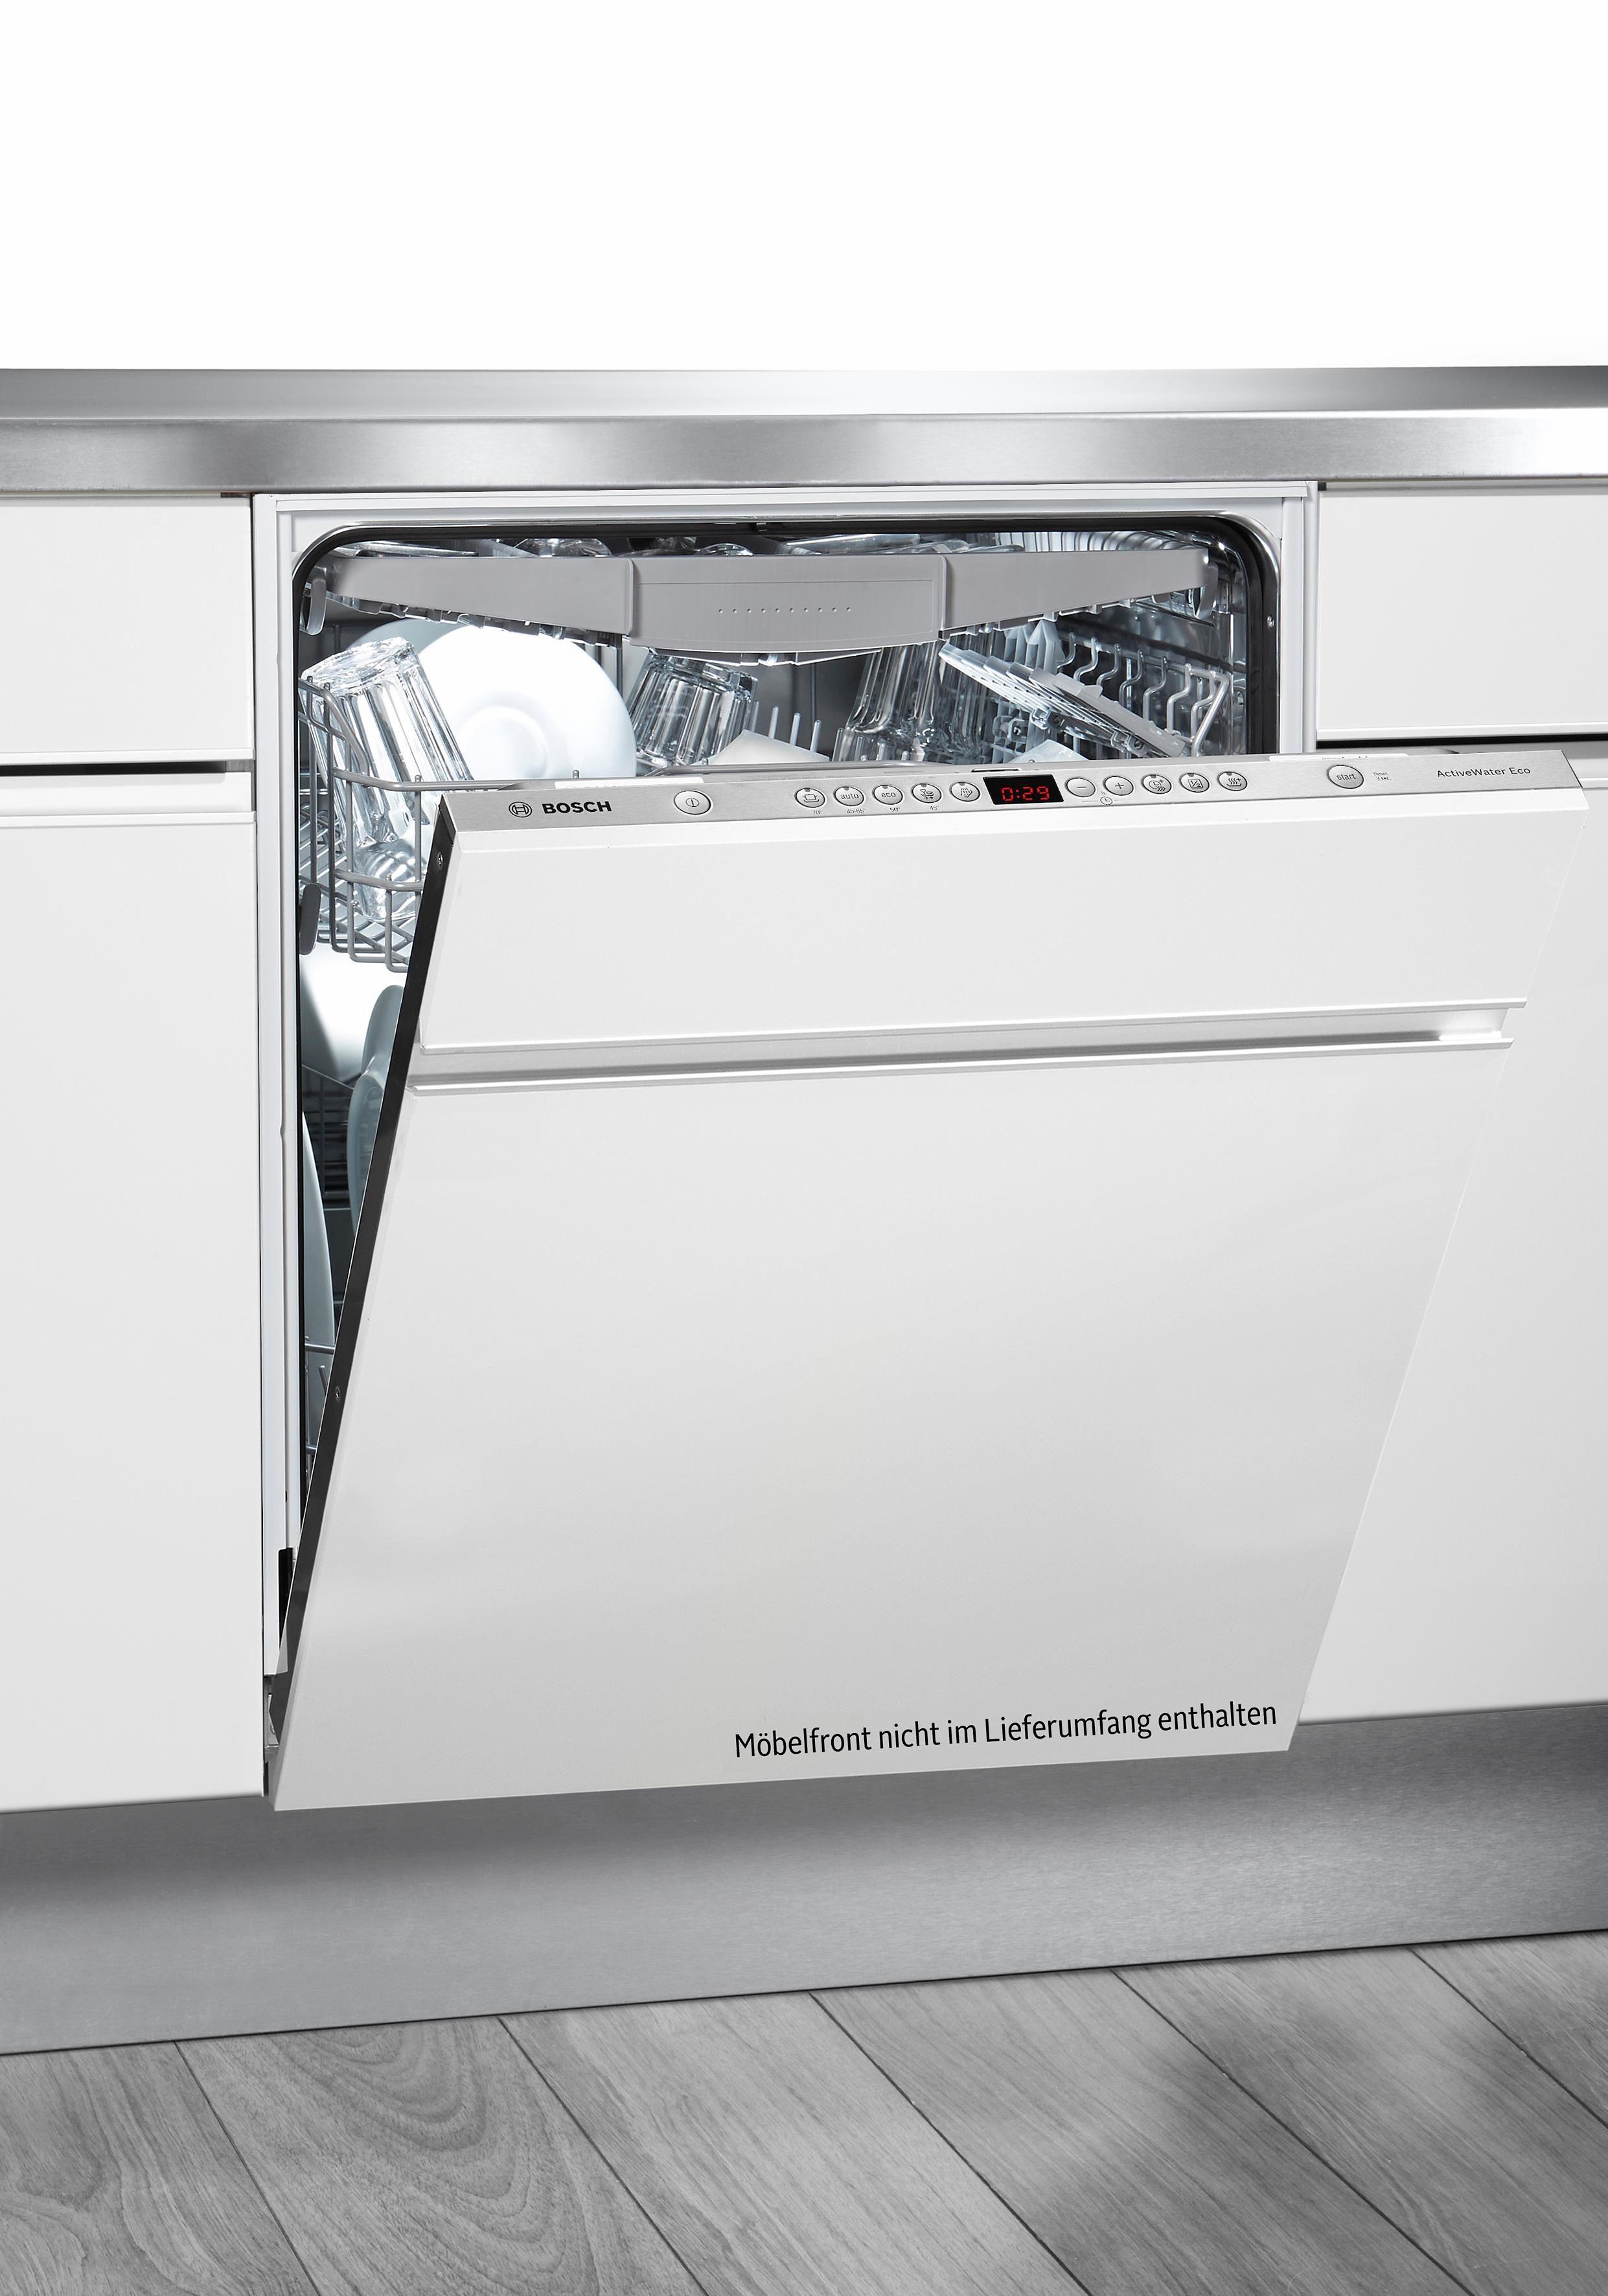 Bosch vollintegrierbarer Einbaugeschirrspüler SMV58N31EU, Energieklasse A++